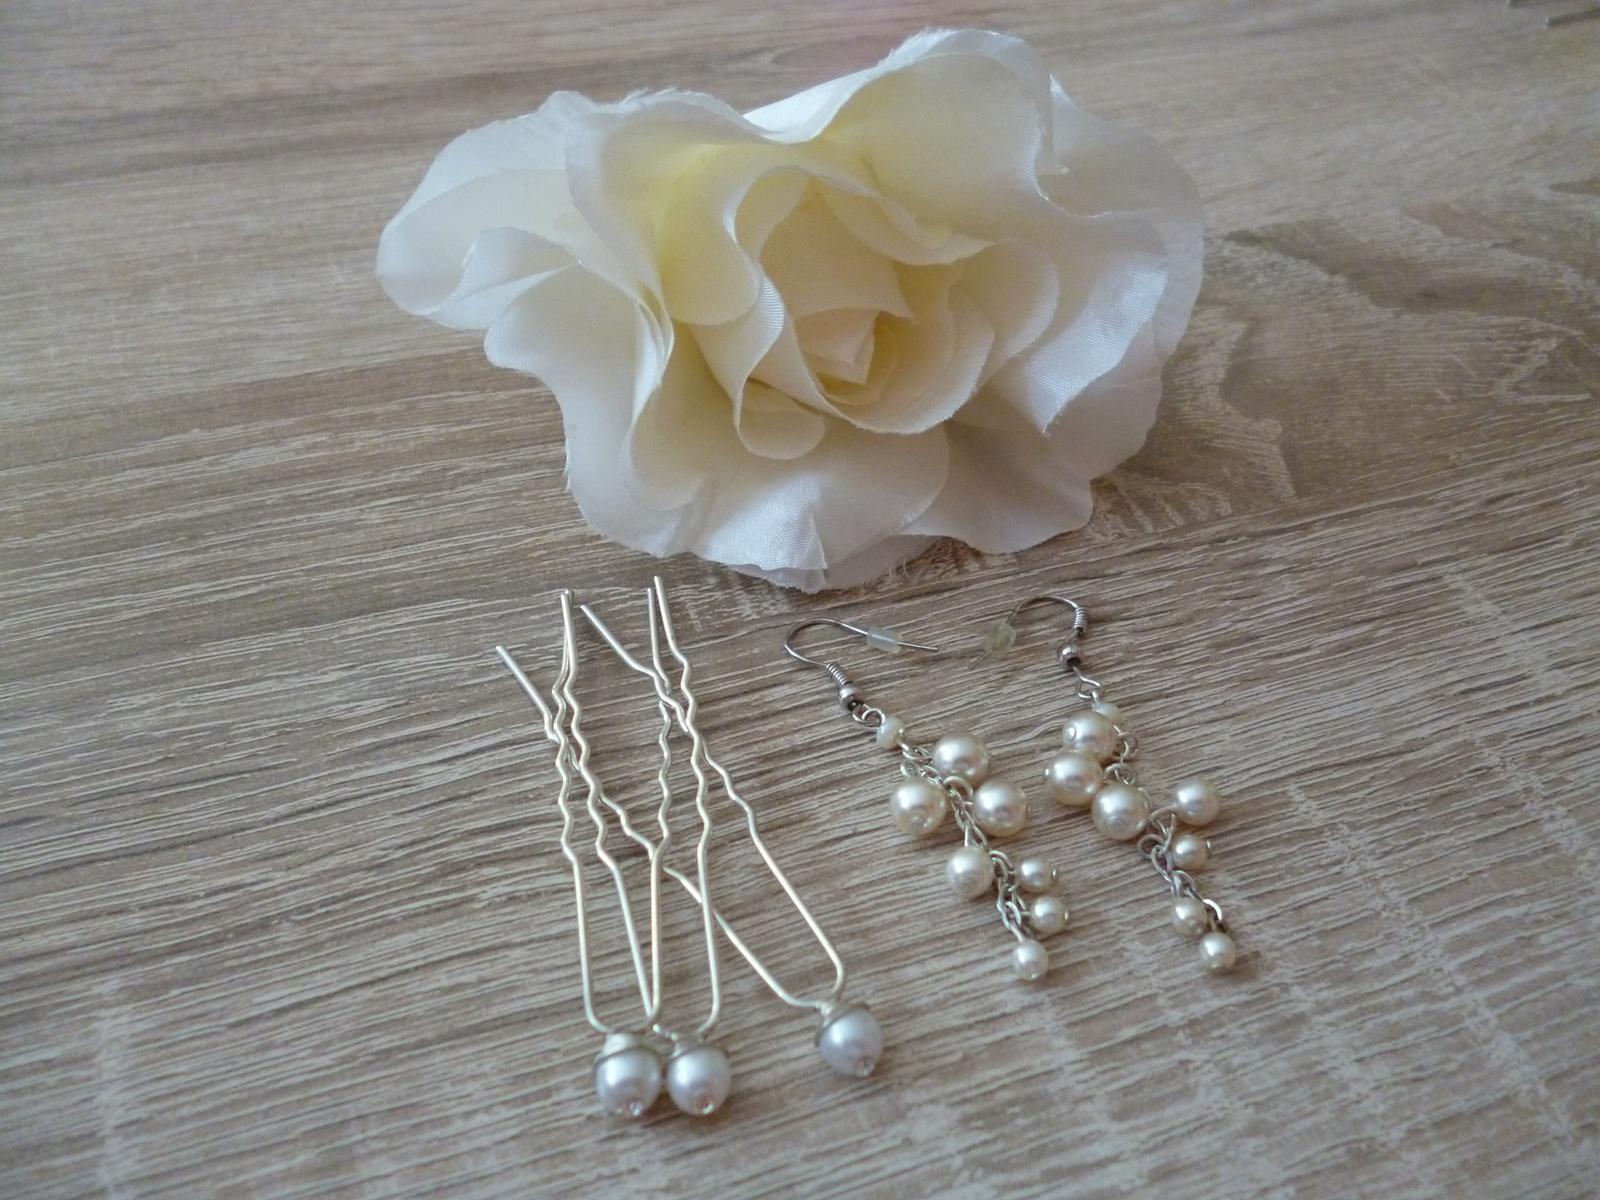 Perličkové visací náušnice, vlásenky, látková růže - Obrázek č. 1